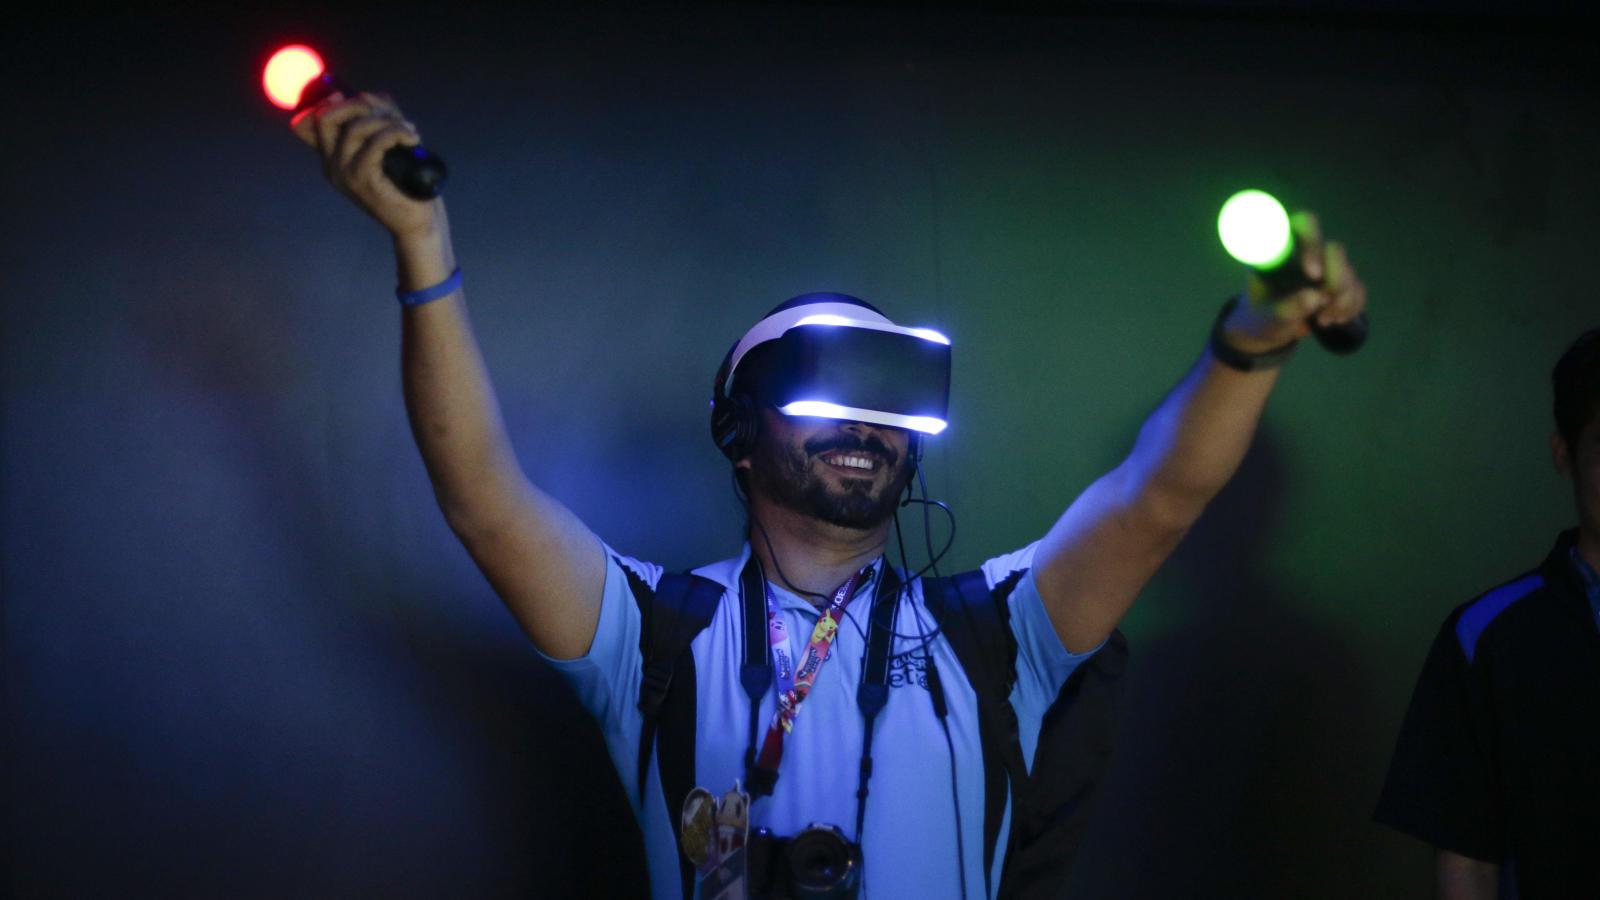 Astronautas usarán realidad virtual para simular misiones espaciales